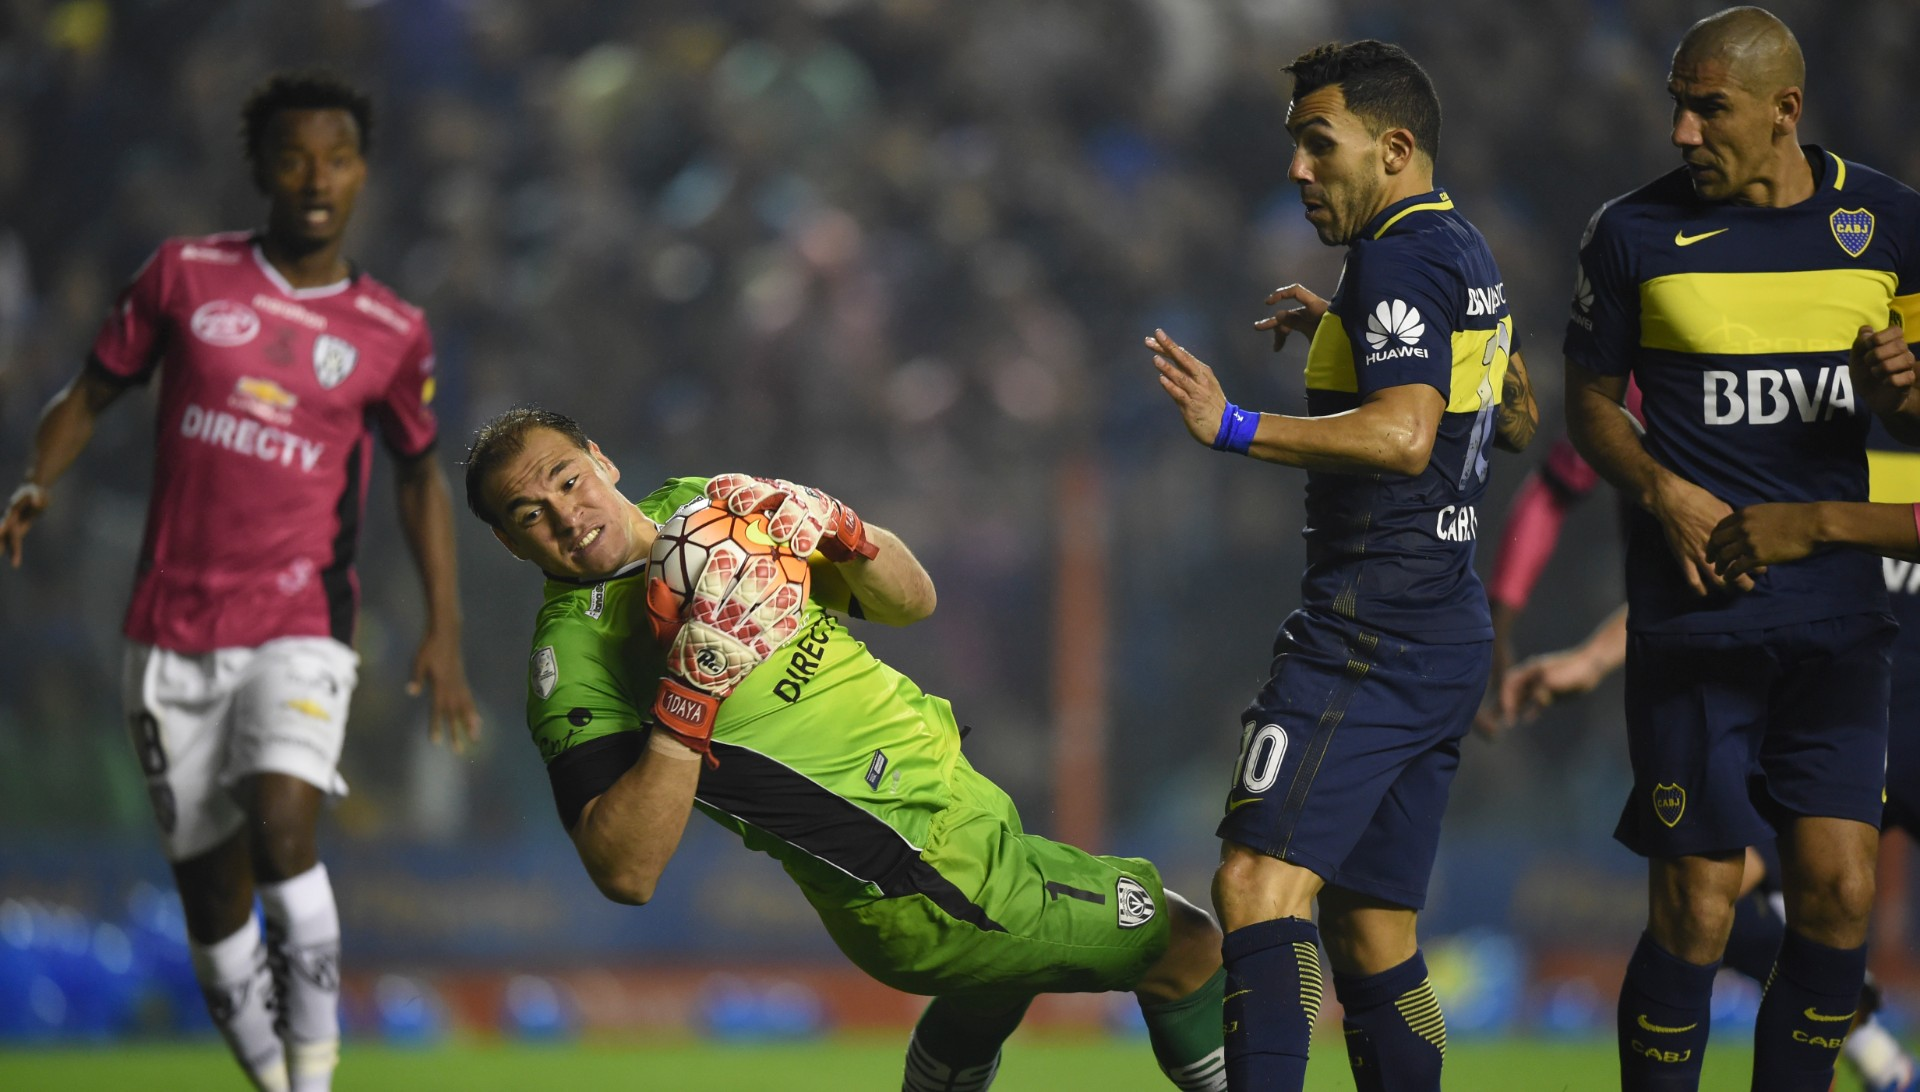 Azcona y la posibilidad de retirarse en IDV | Goal.com